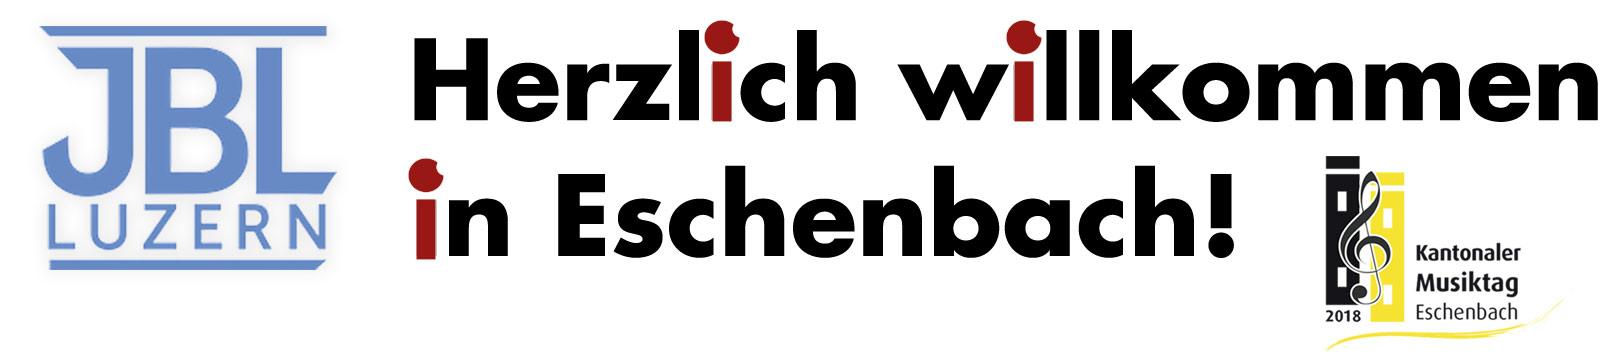 innosolutions freut sich auf den Kantonalen Musiktag in Eschenbach